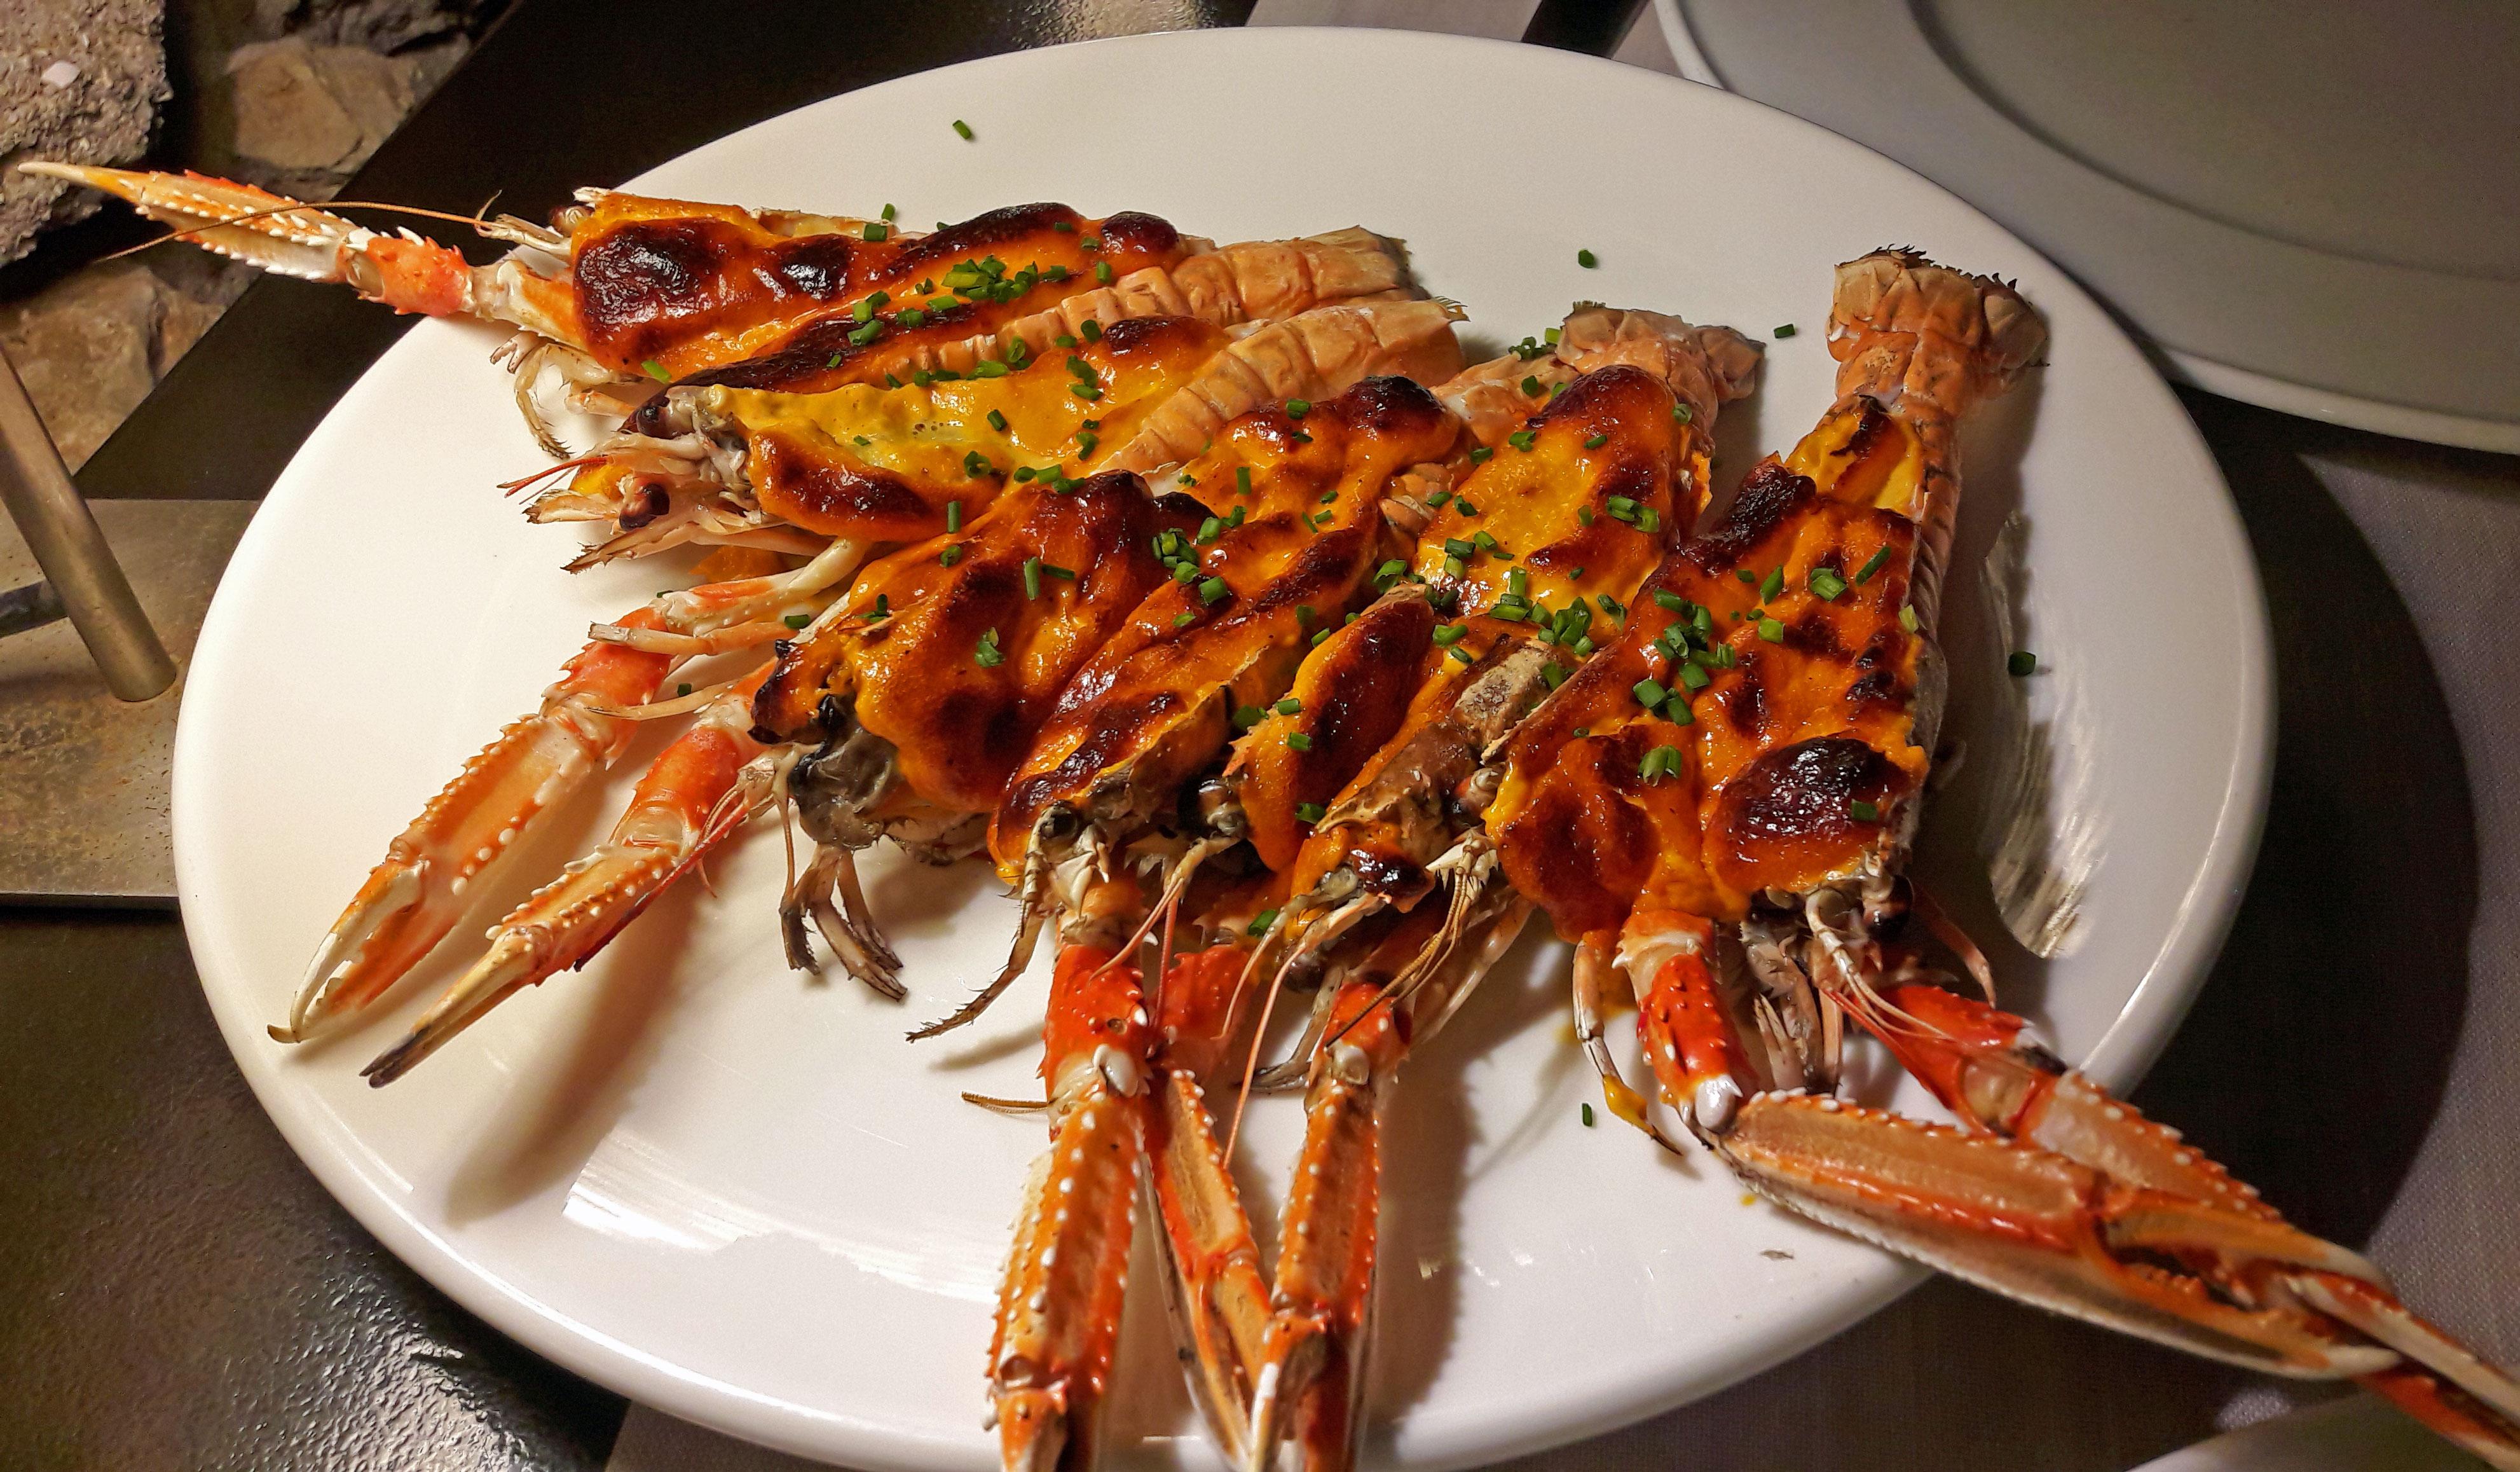 Restaurante Fragata Cigalas gratinadas, muselina suave de ajos y aceite de piquillos